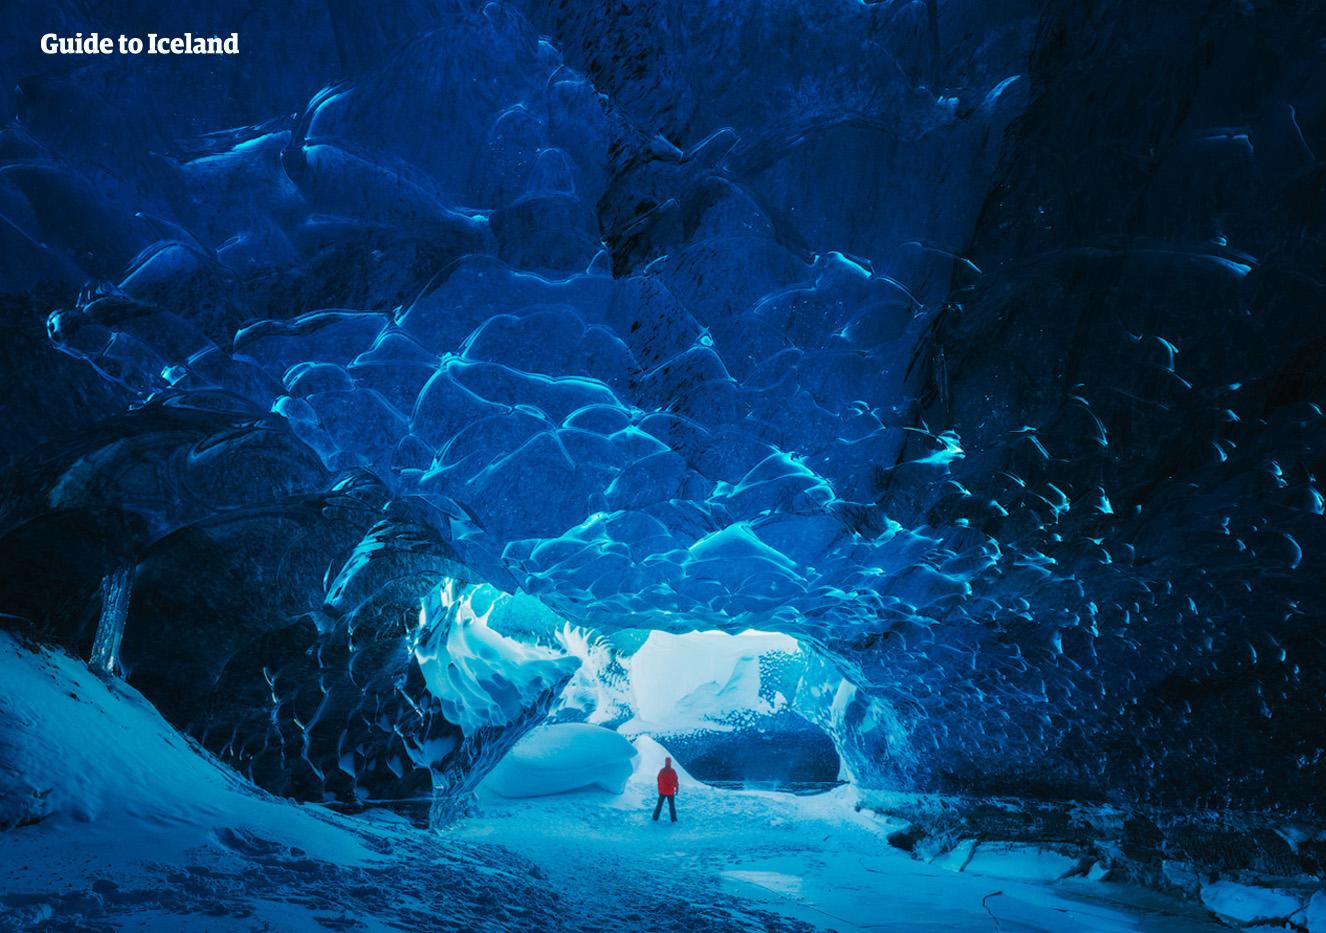 유럽에서 가장 거대한 바트나요쿨 빙하 속 숨겨진 세상을 탐험할 수 있는 얼음동굴 투어!